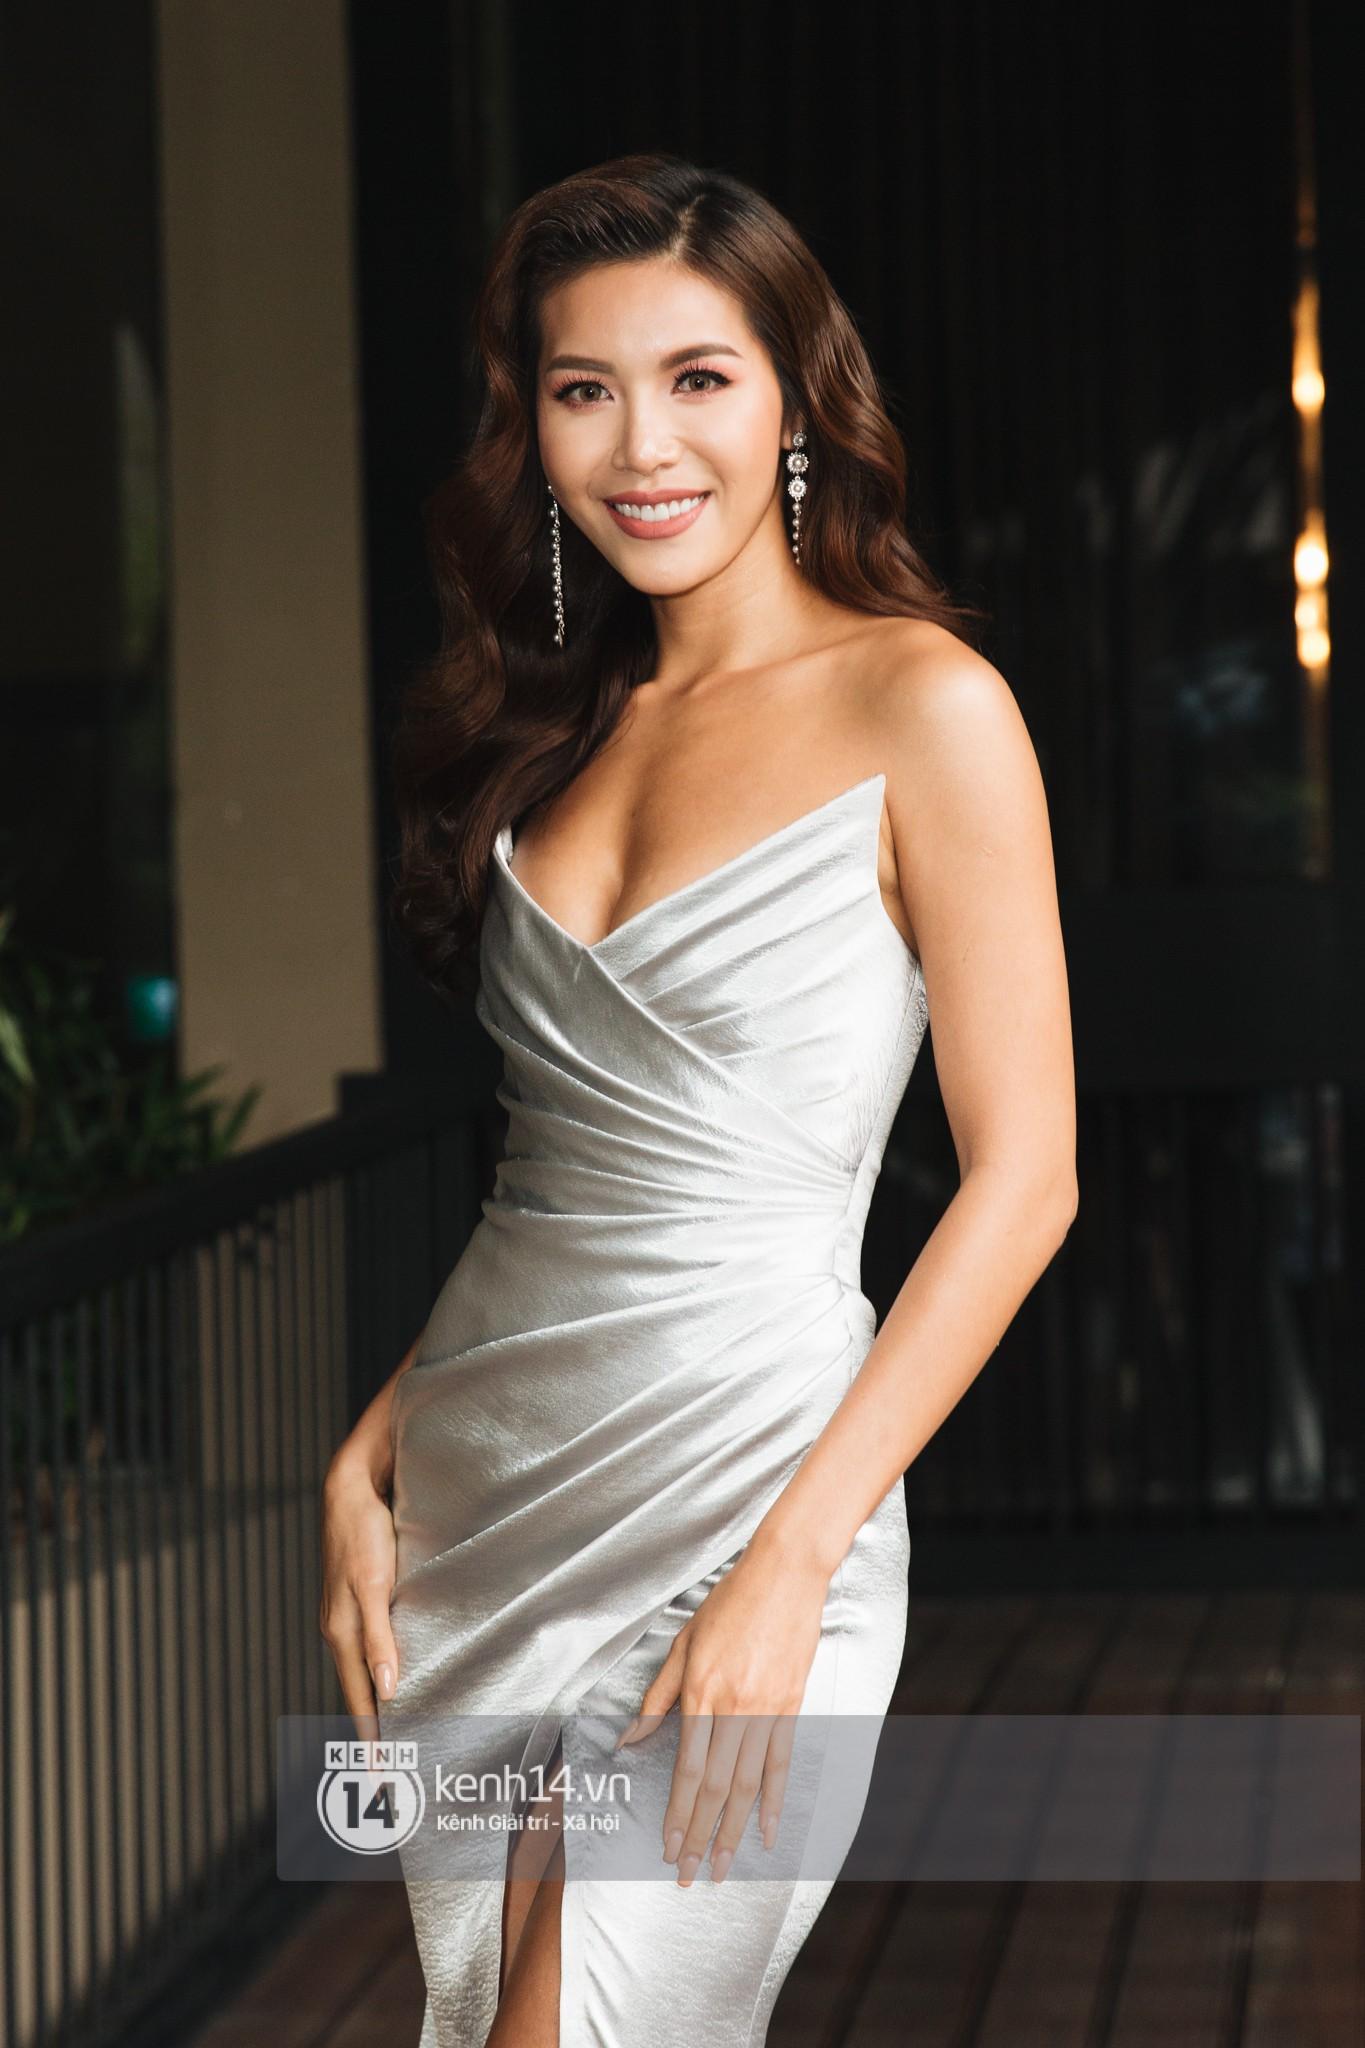 HOT: Minh Tú chính thức đại diện Việt Nam tham dự Miss Supranational 2018 - Ảnh 9.